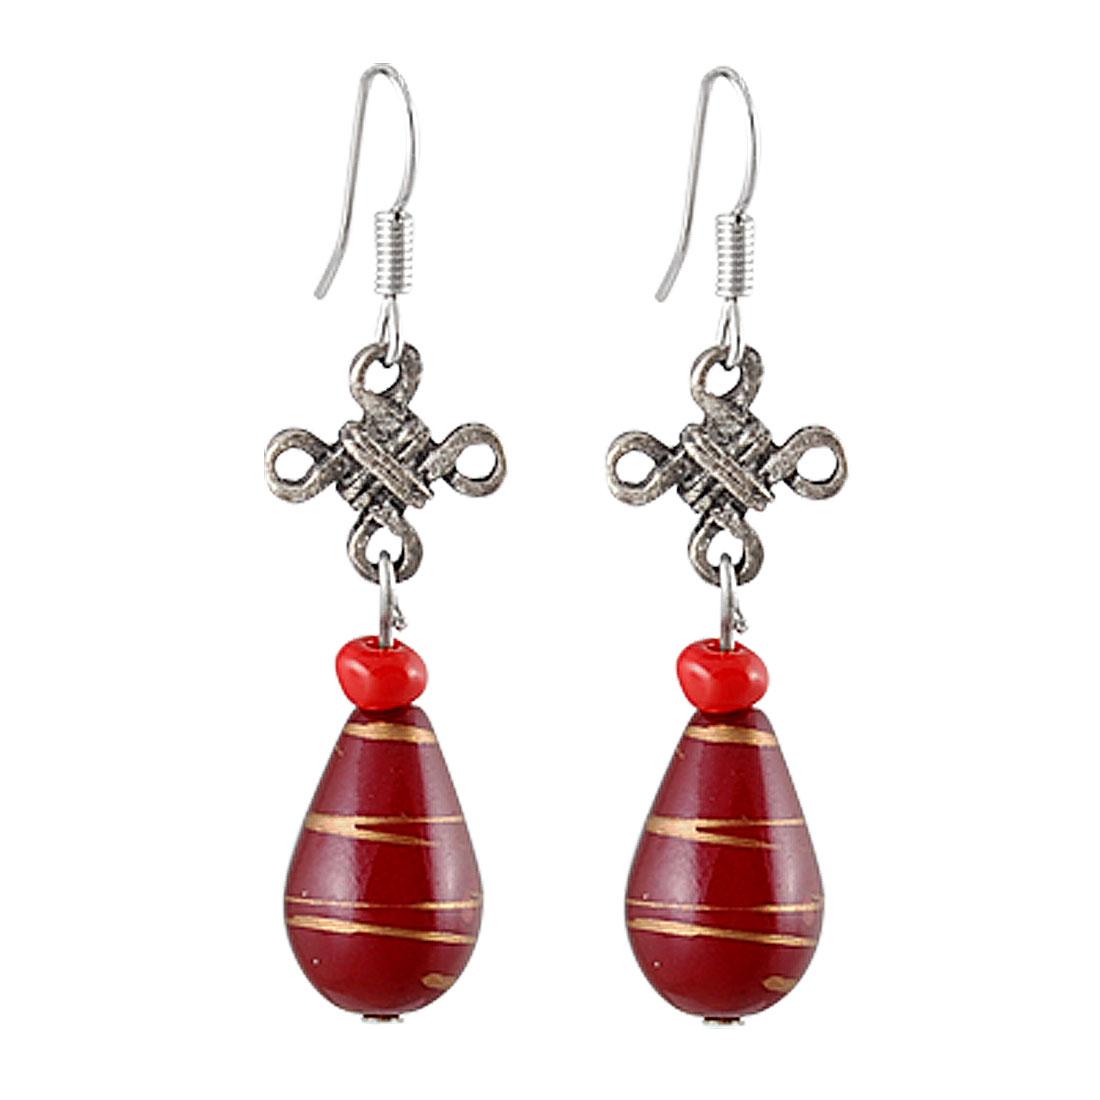 Fashion Accessories Pair Plastic Teardrop Dangle Hook Earrings